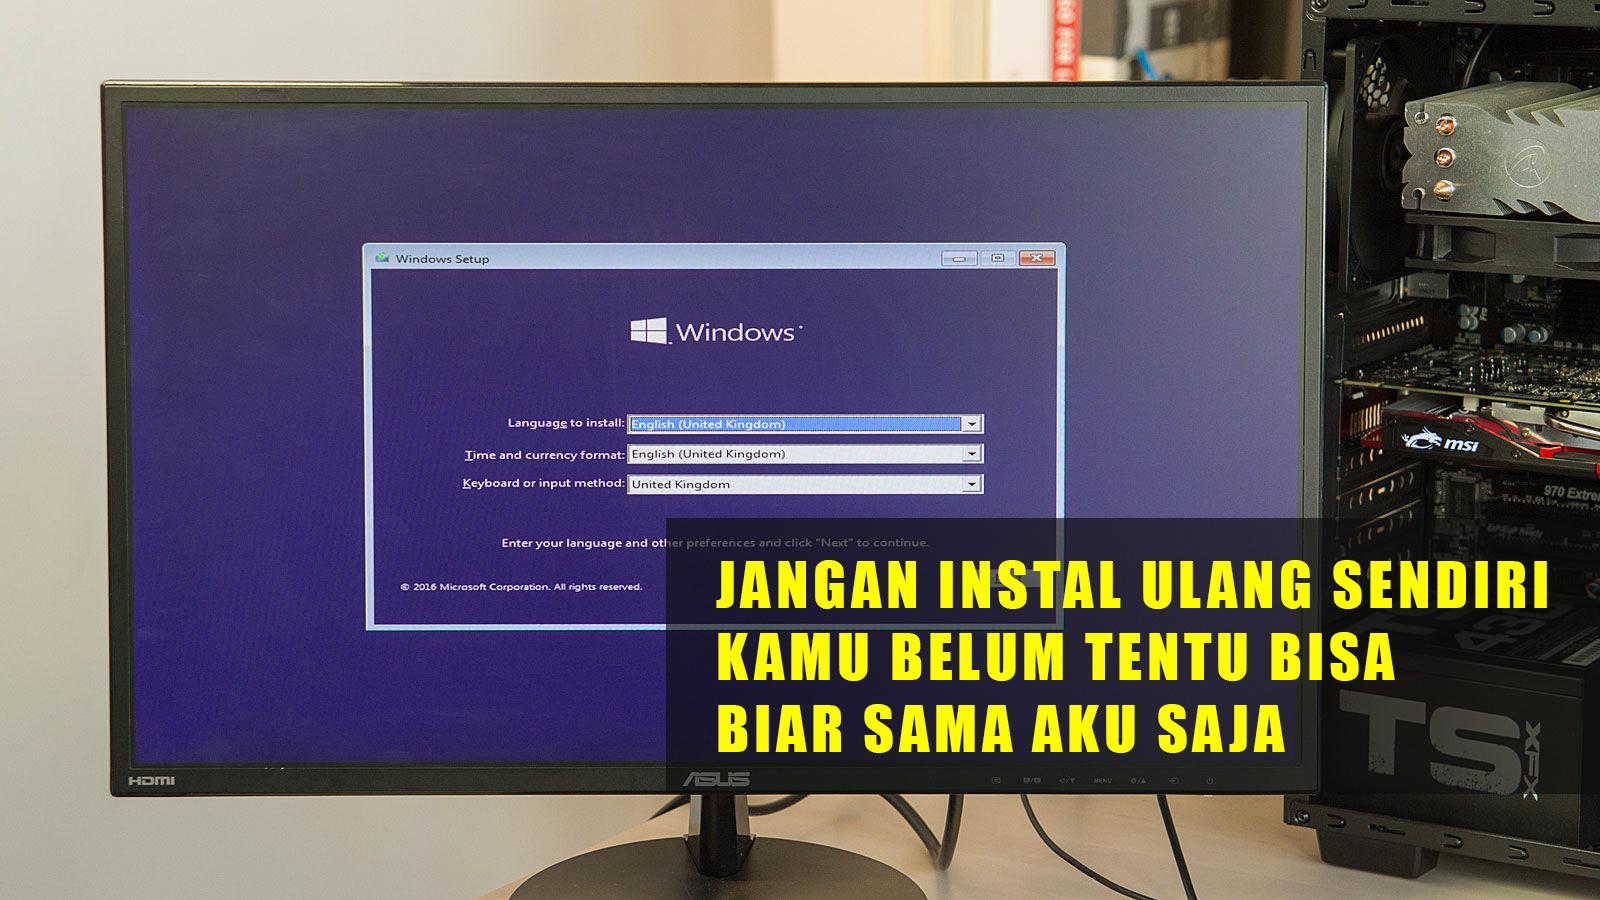 Jasa Instal Ulang Komputer Laptop Probolinggo Terpercaya